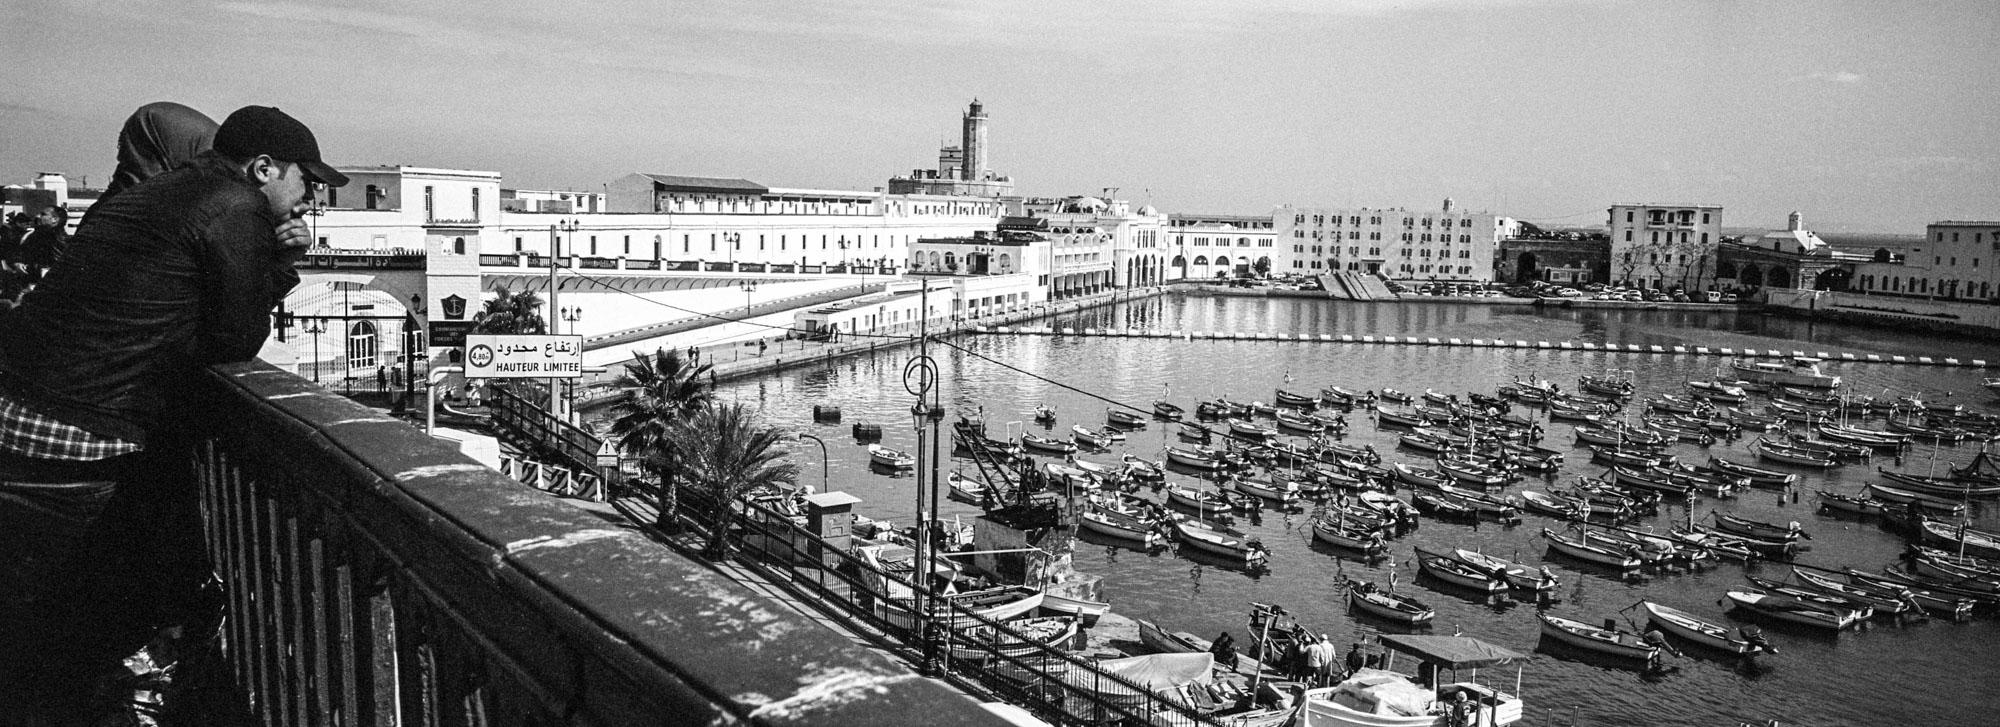 En bord de mer à côté de la capitainerie et du petit port de pêche. 18/02/2016, Alger-ALGERIE.